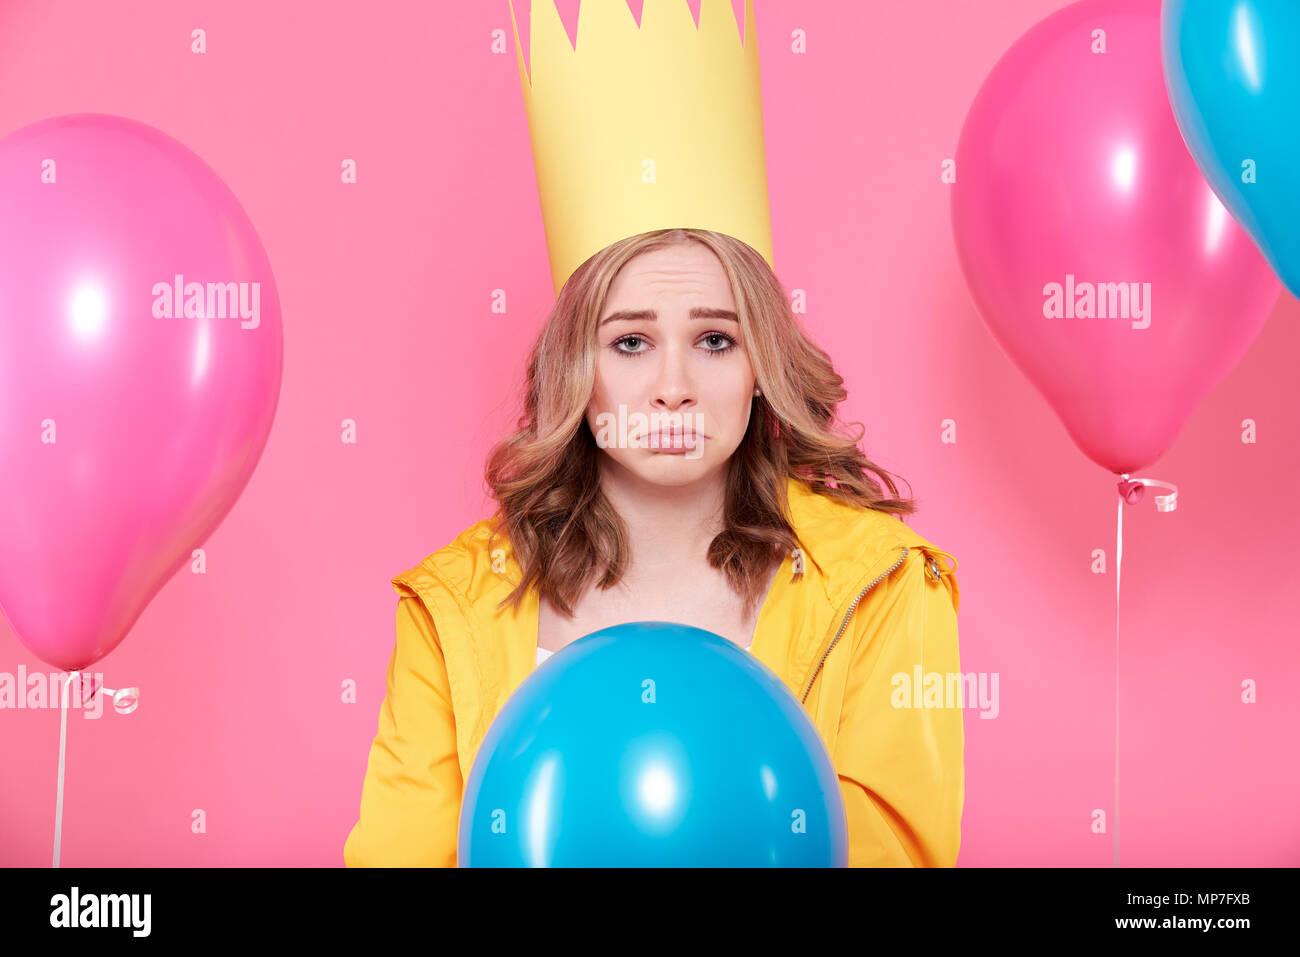 Decepcionado joven con gorro de fiesta rodeado de coloridos globos, aislado sobre fondo de color rosa pastel. Fiesta de cumpleaños triste concepto. Imagen De Stock